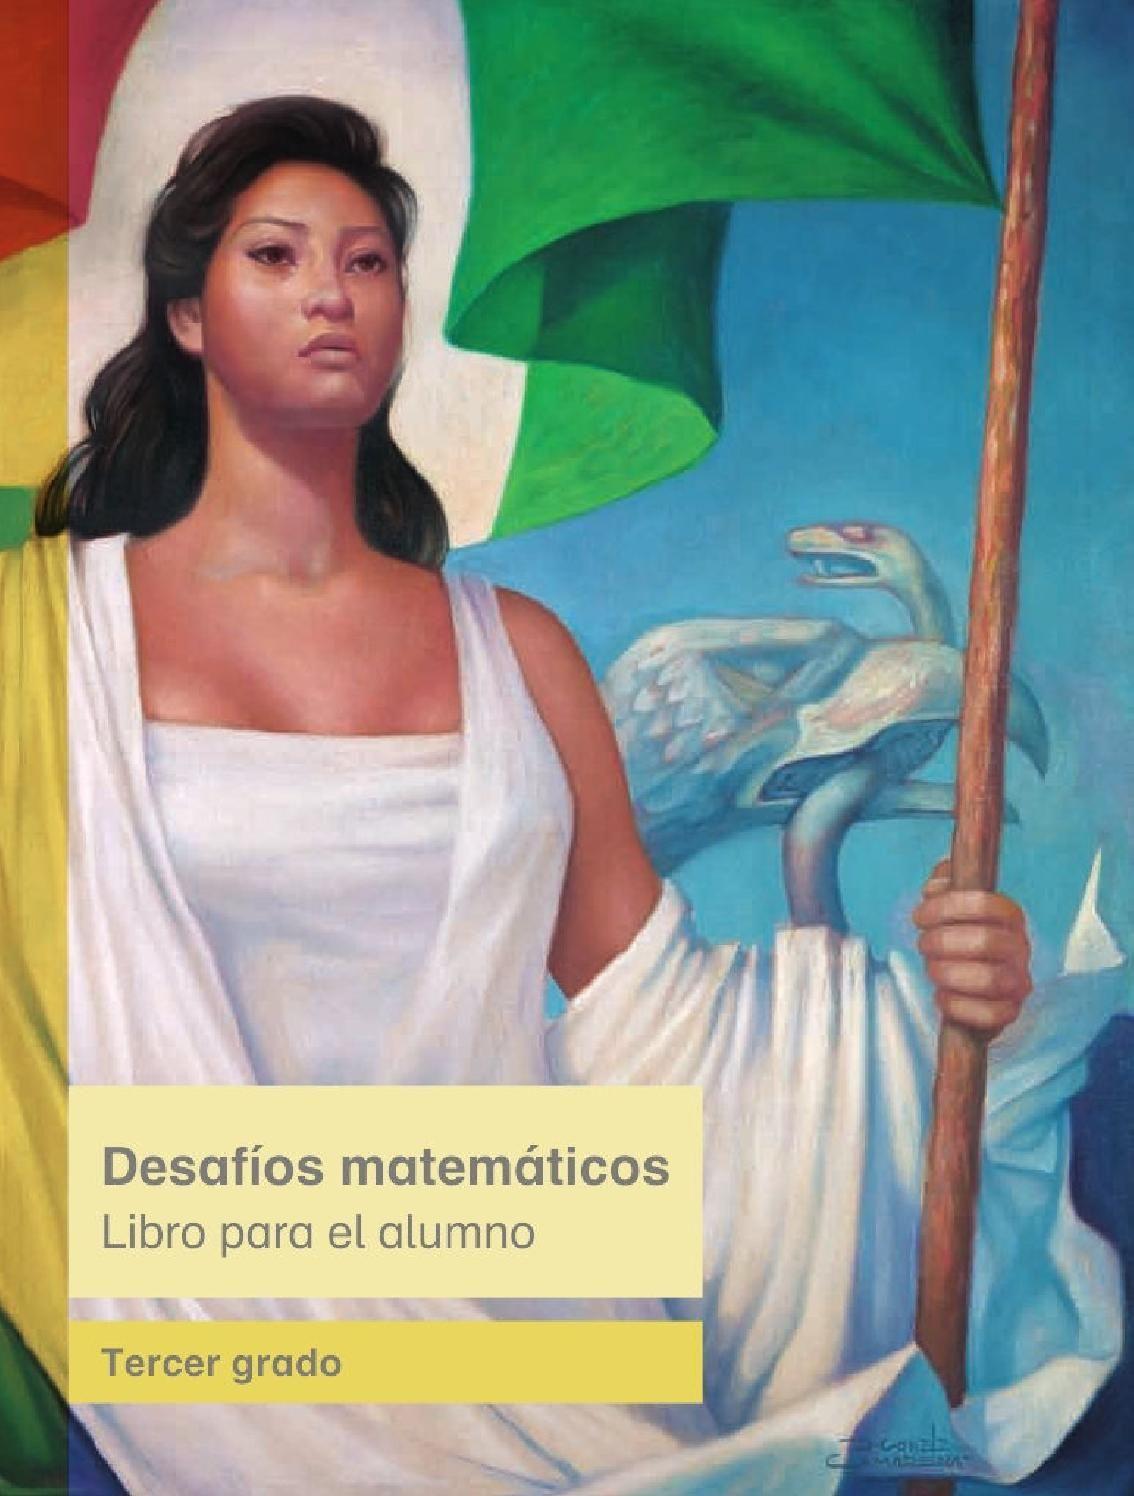 Desafios Matematicos 3er Grado Librossep By